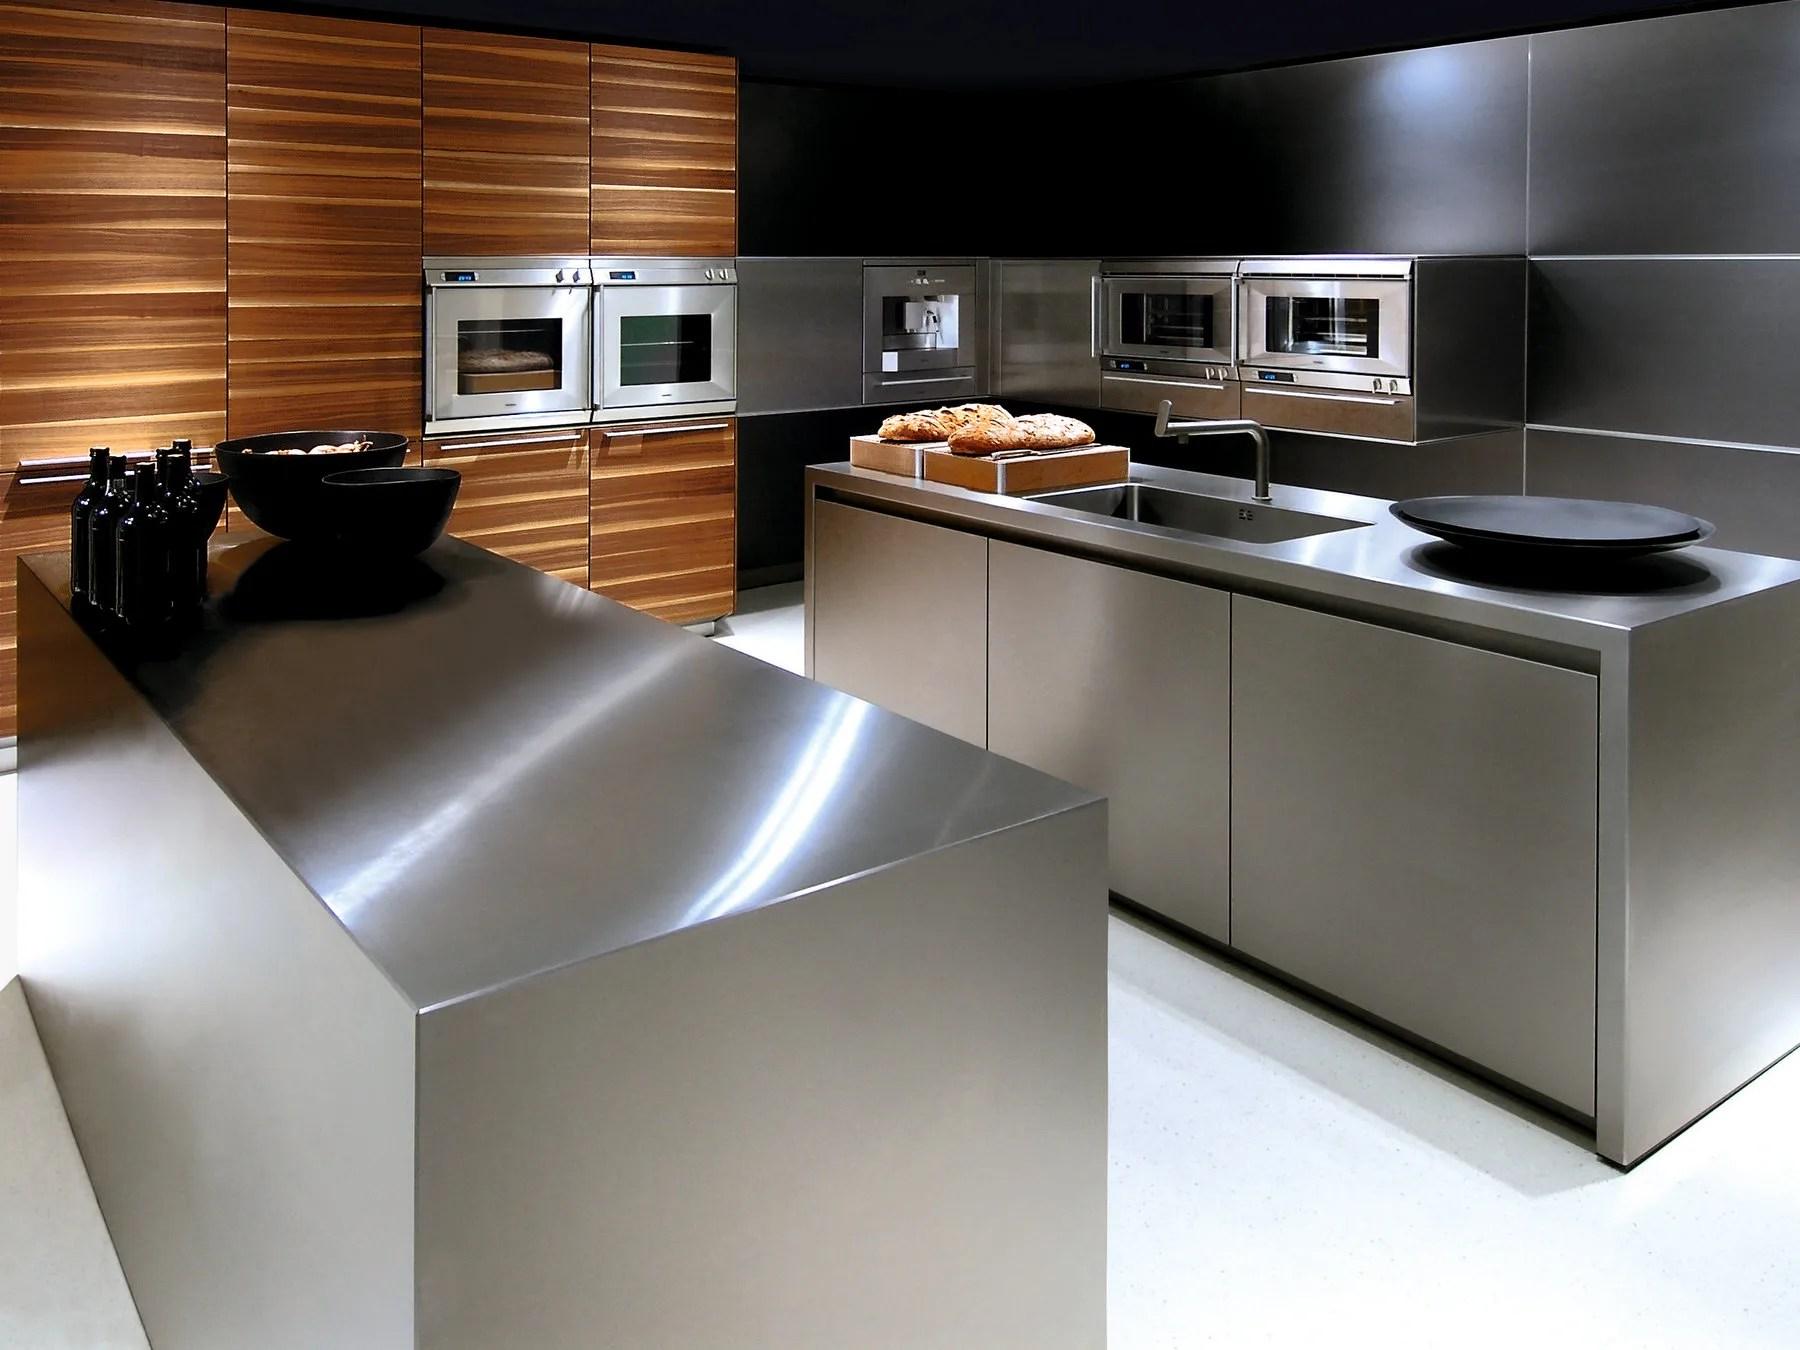 B3 Cucina in acciaio inox by Bulthaup